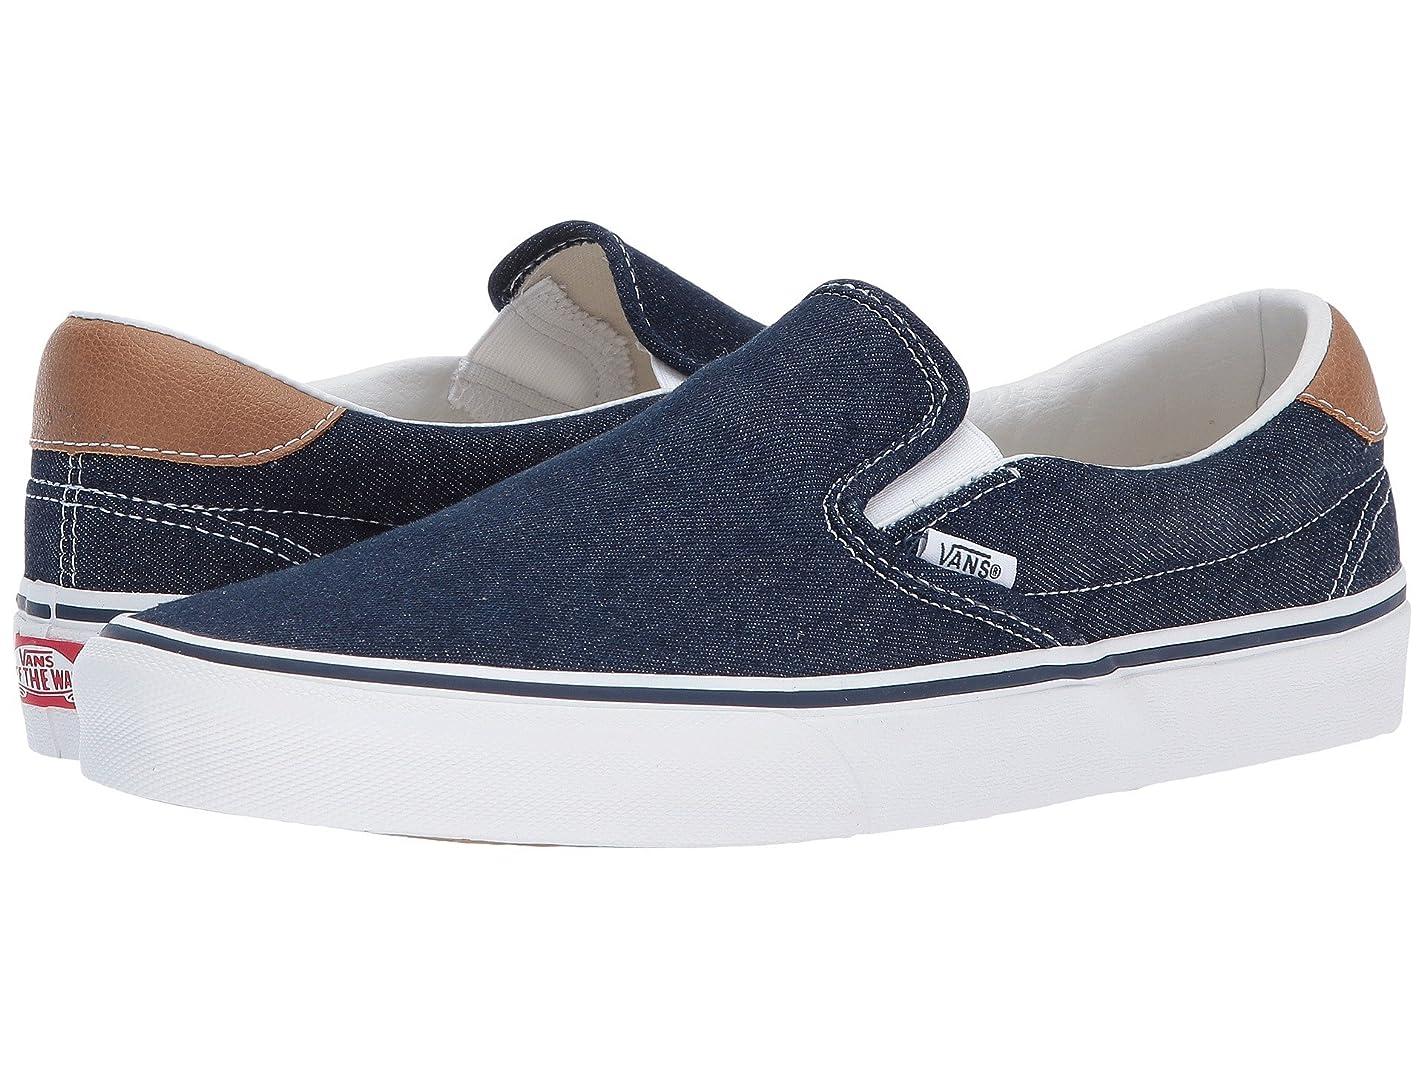 良さ亜熱帯家具(バンズ) VANS メンズスニーカー?靴 Slip-On 59 (Denim C&L) Dress Blues/Chipmunk Men's 5.5, Women's 7 (23.5cm(レディース24cm)) Medium